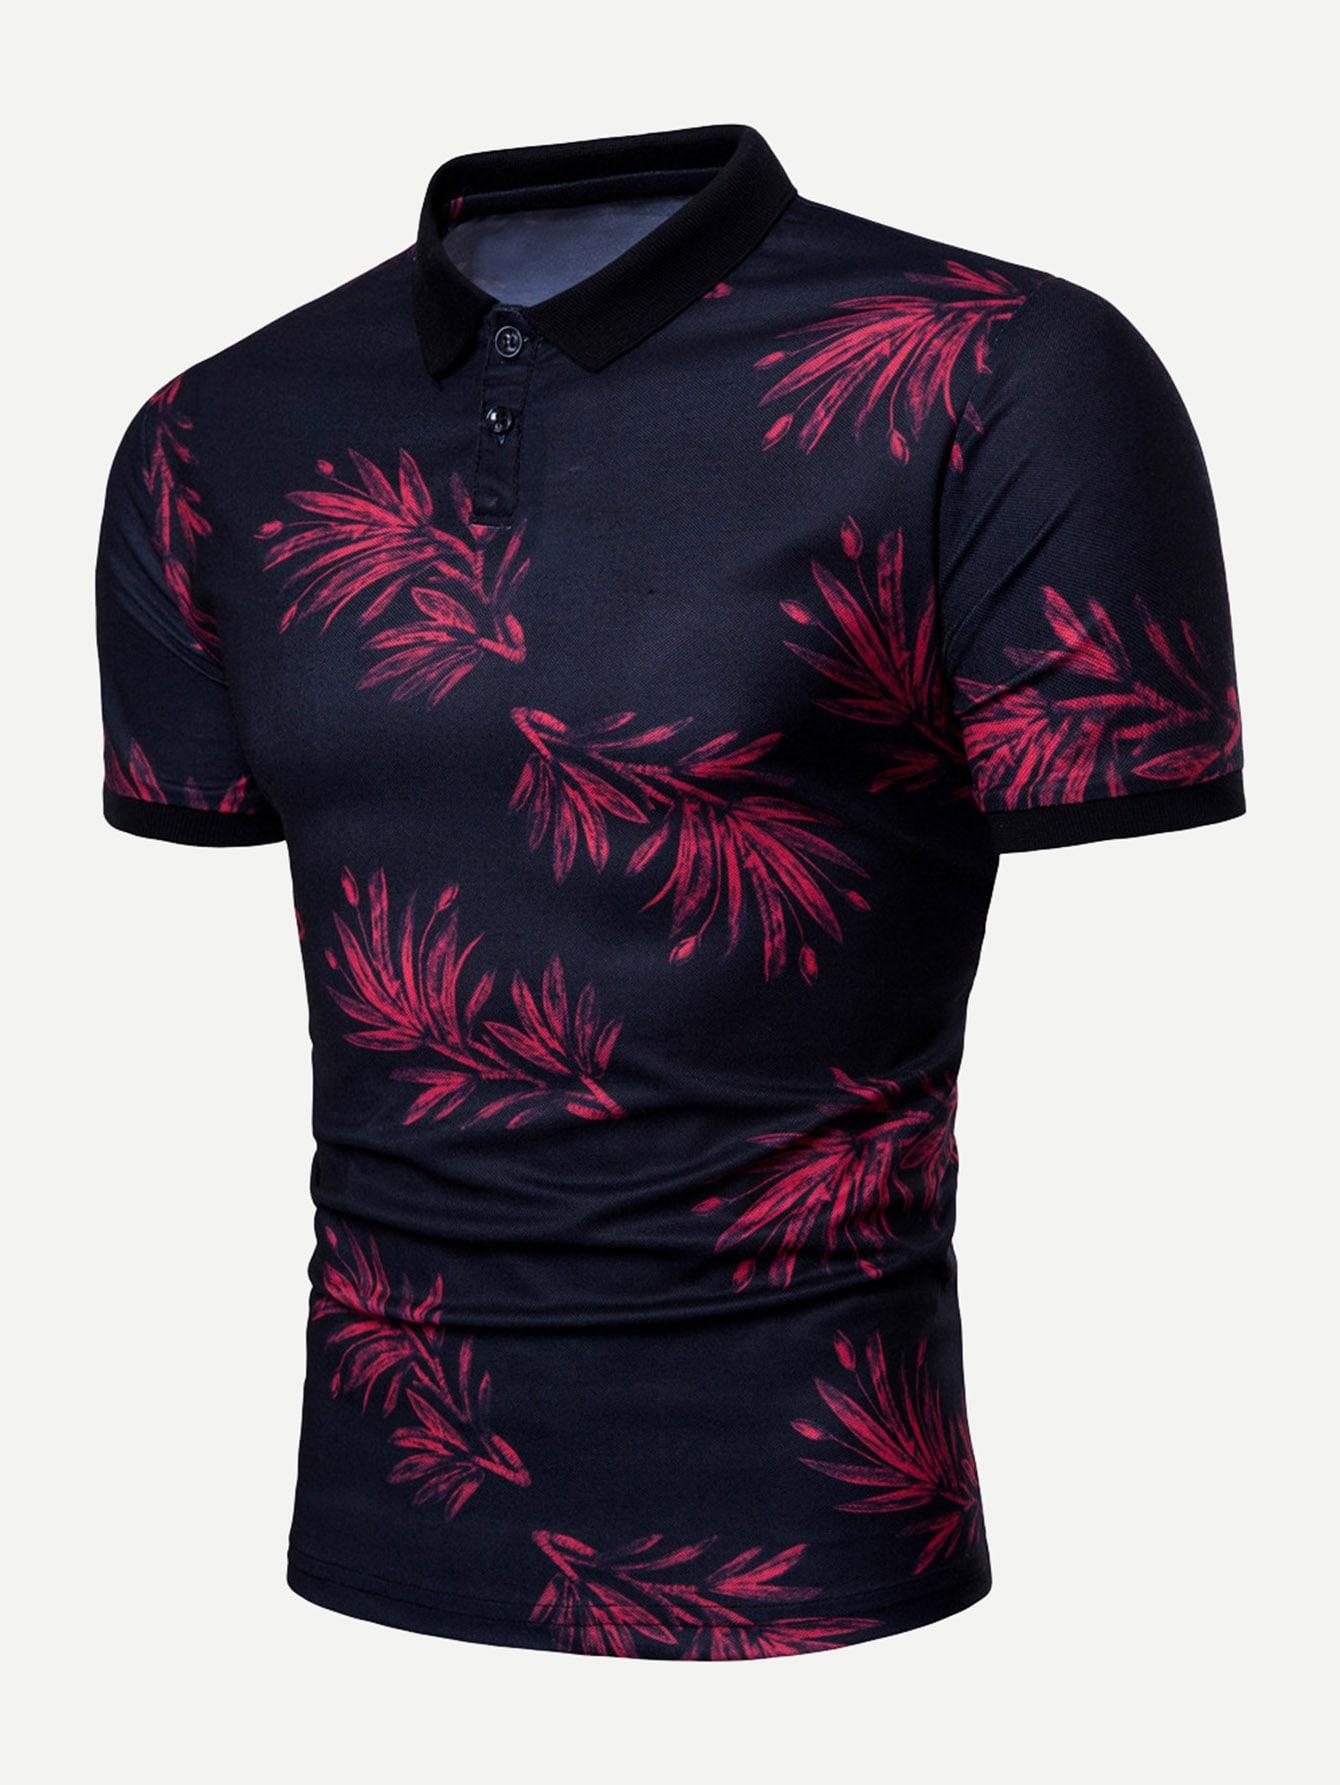 Купить Поло футболка с рисунками листьев для мужчины, null, SheIn